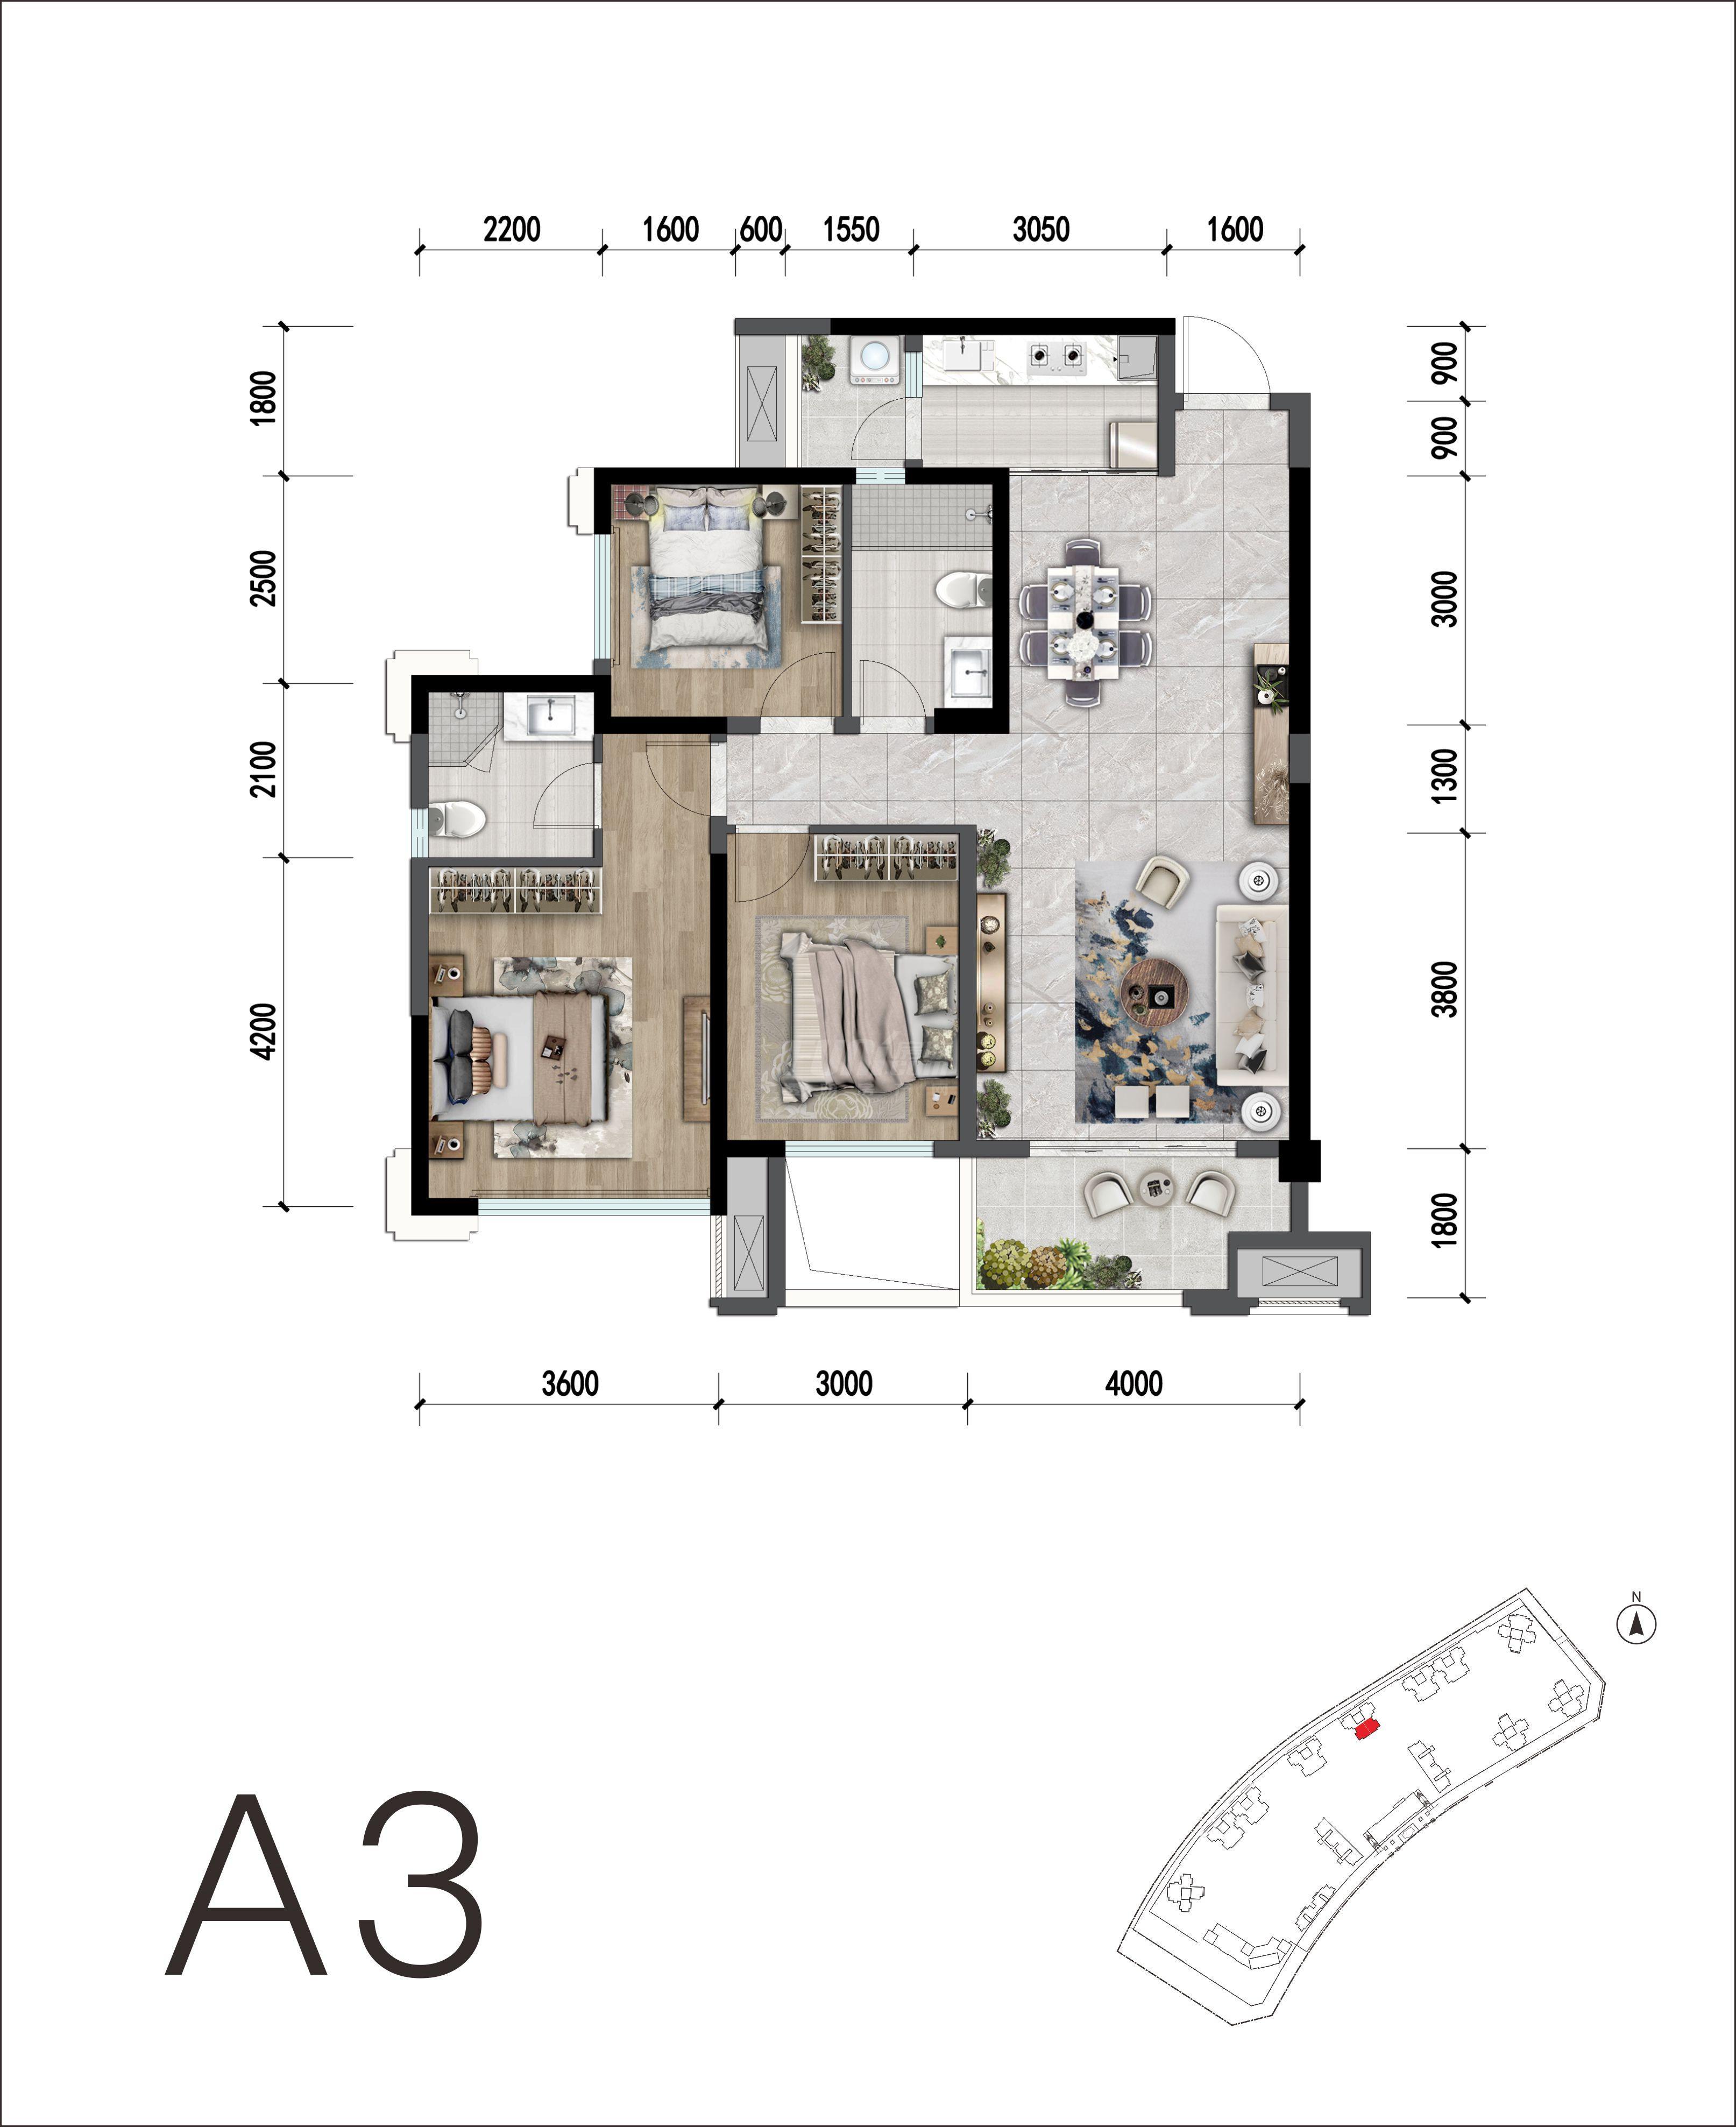 3室2卫2厅,A3户型三室两厅双卫